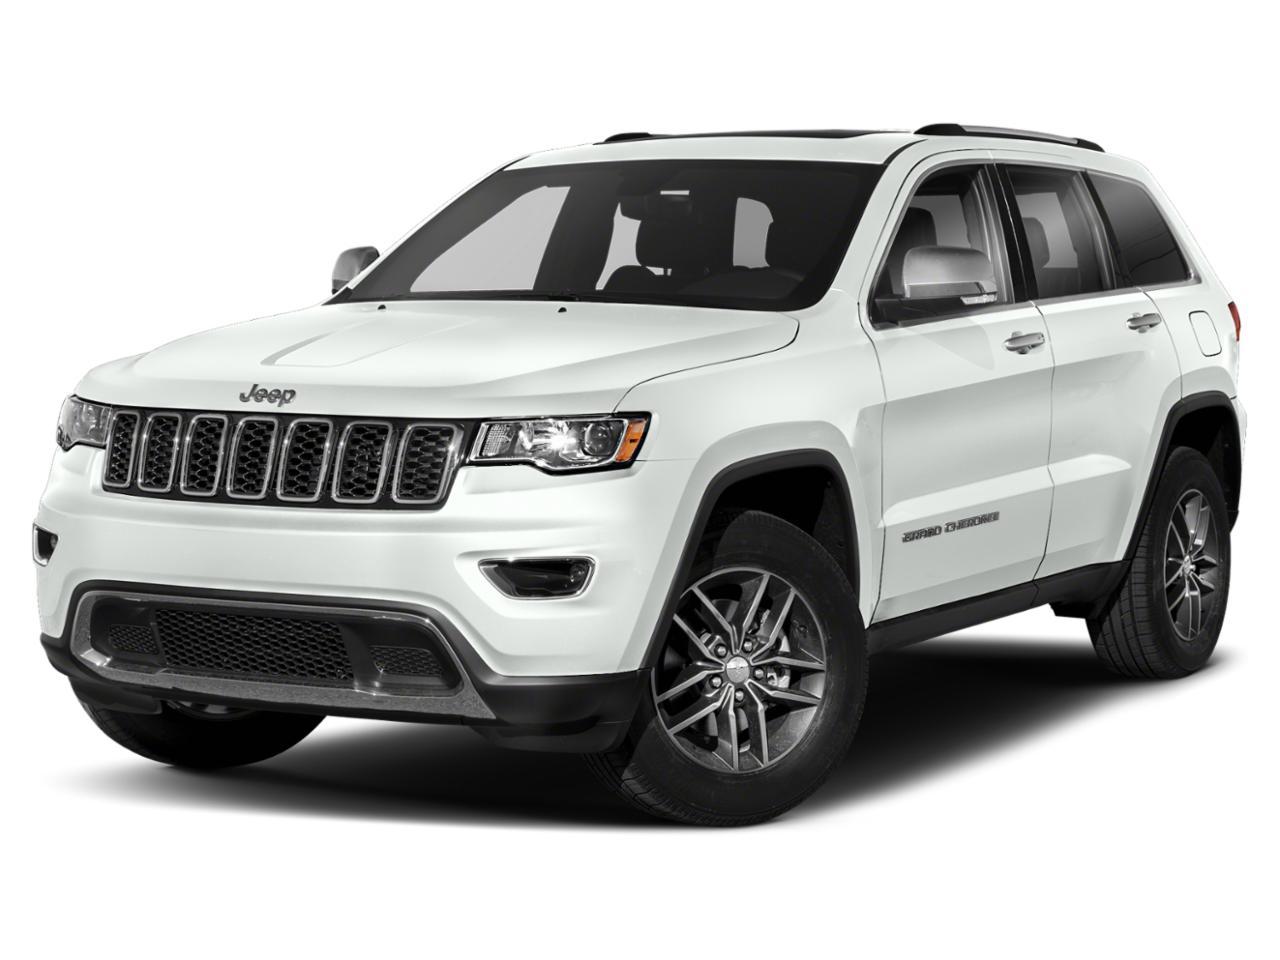 2019 Jeep Grand Cherokee Vehicle Photo in BATON ROUGE, LA 70809-4546